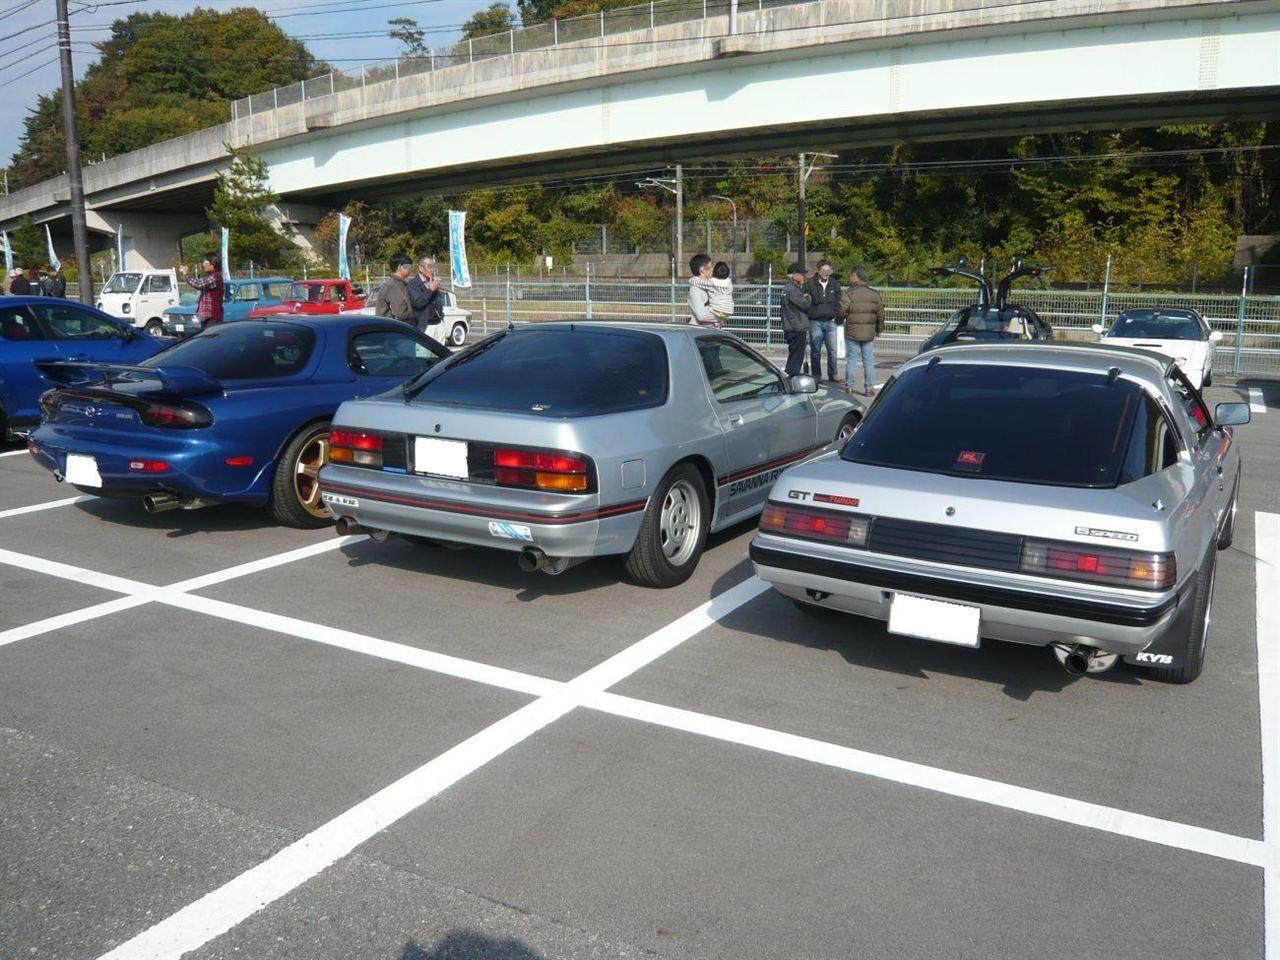 Mazda RX-7, FB, SA22C, FC, FD, auta z silnikiem Wankla, rotary engines, zdjęcia kultowych samochodów, znane, tuning, ciekawe